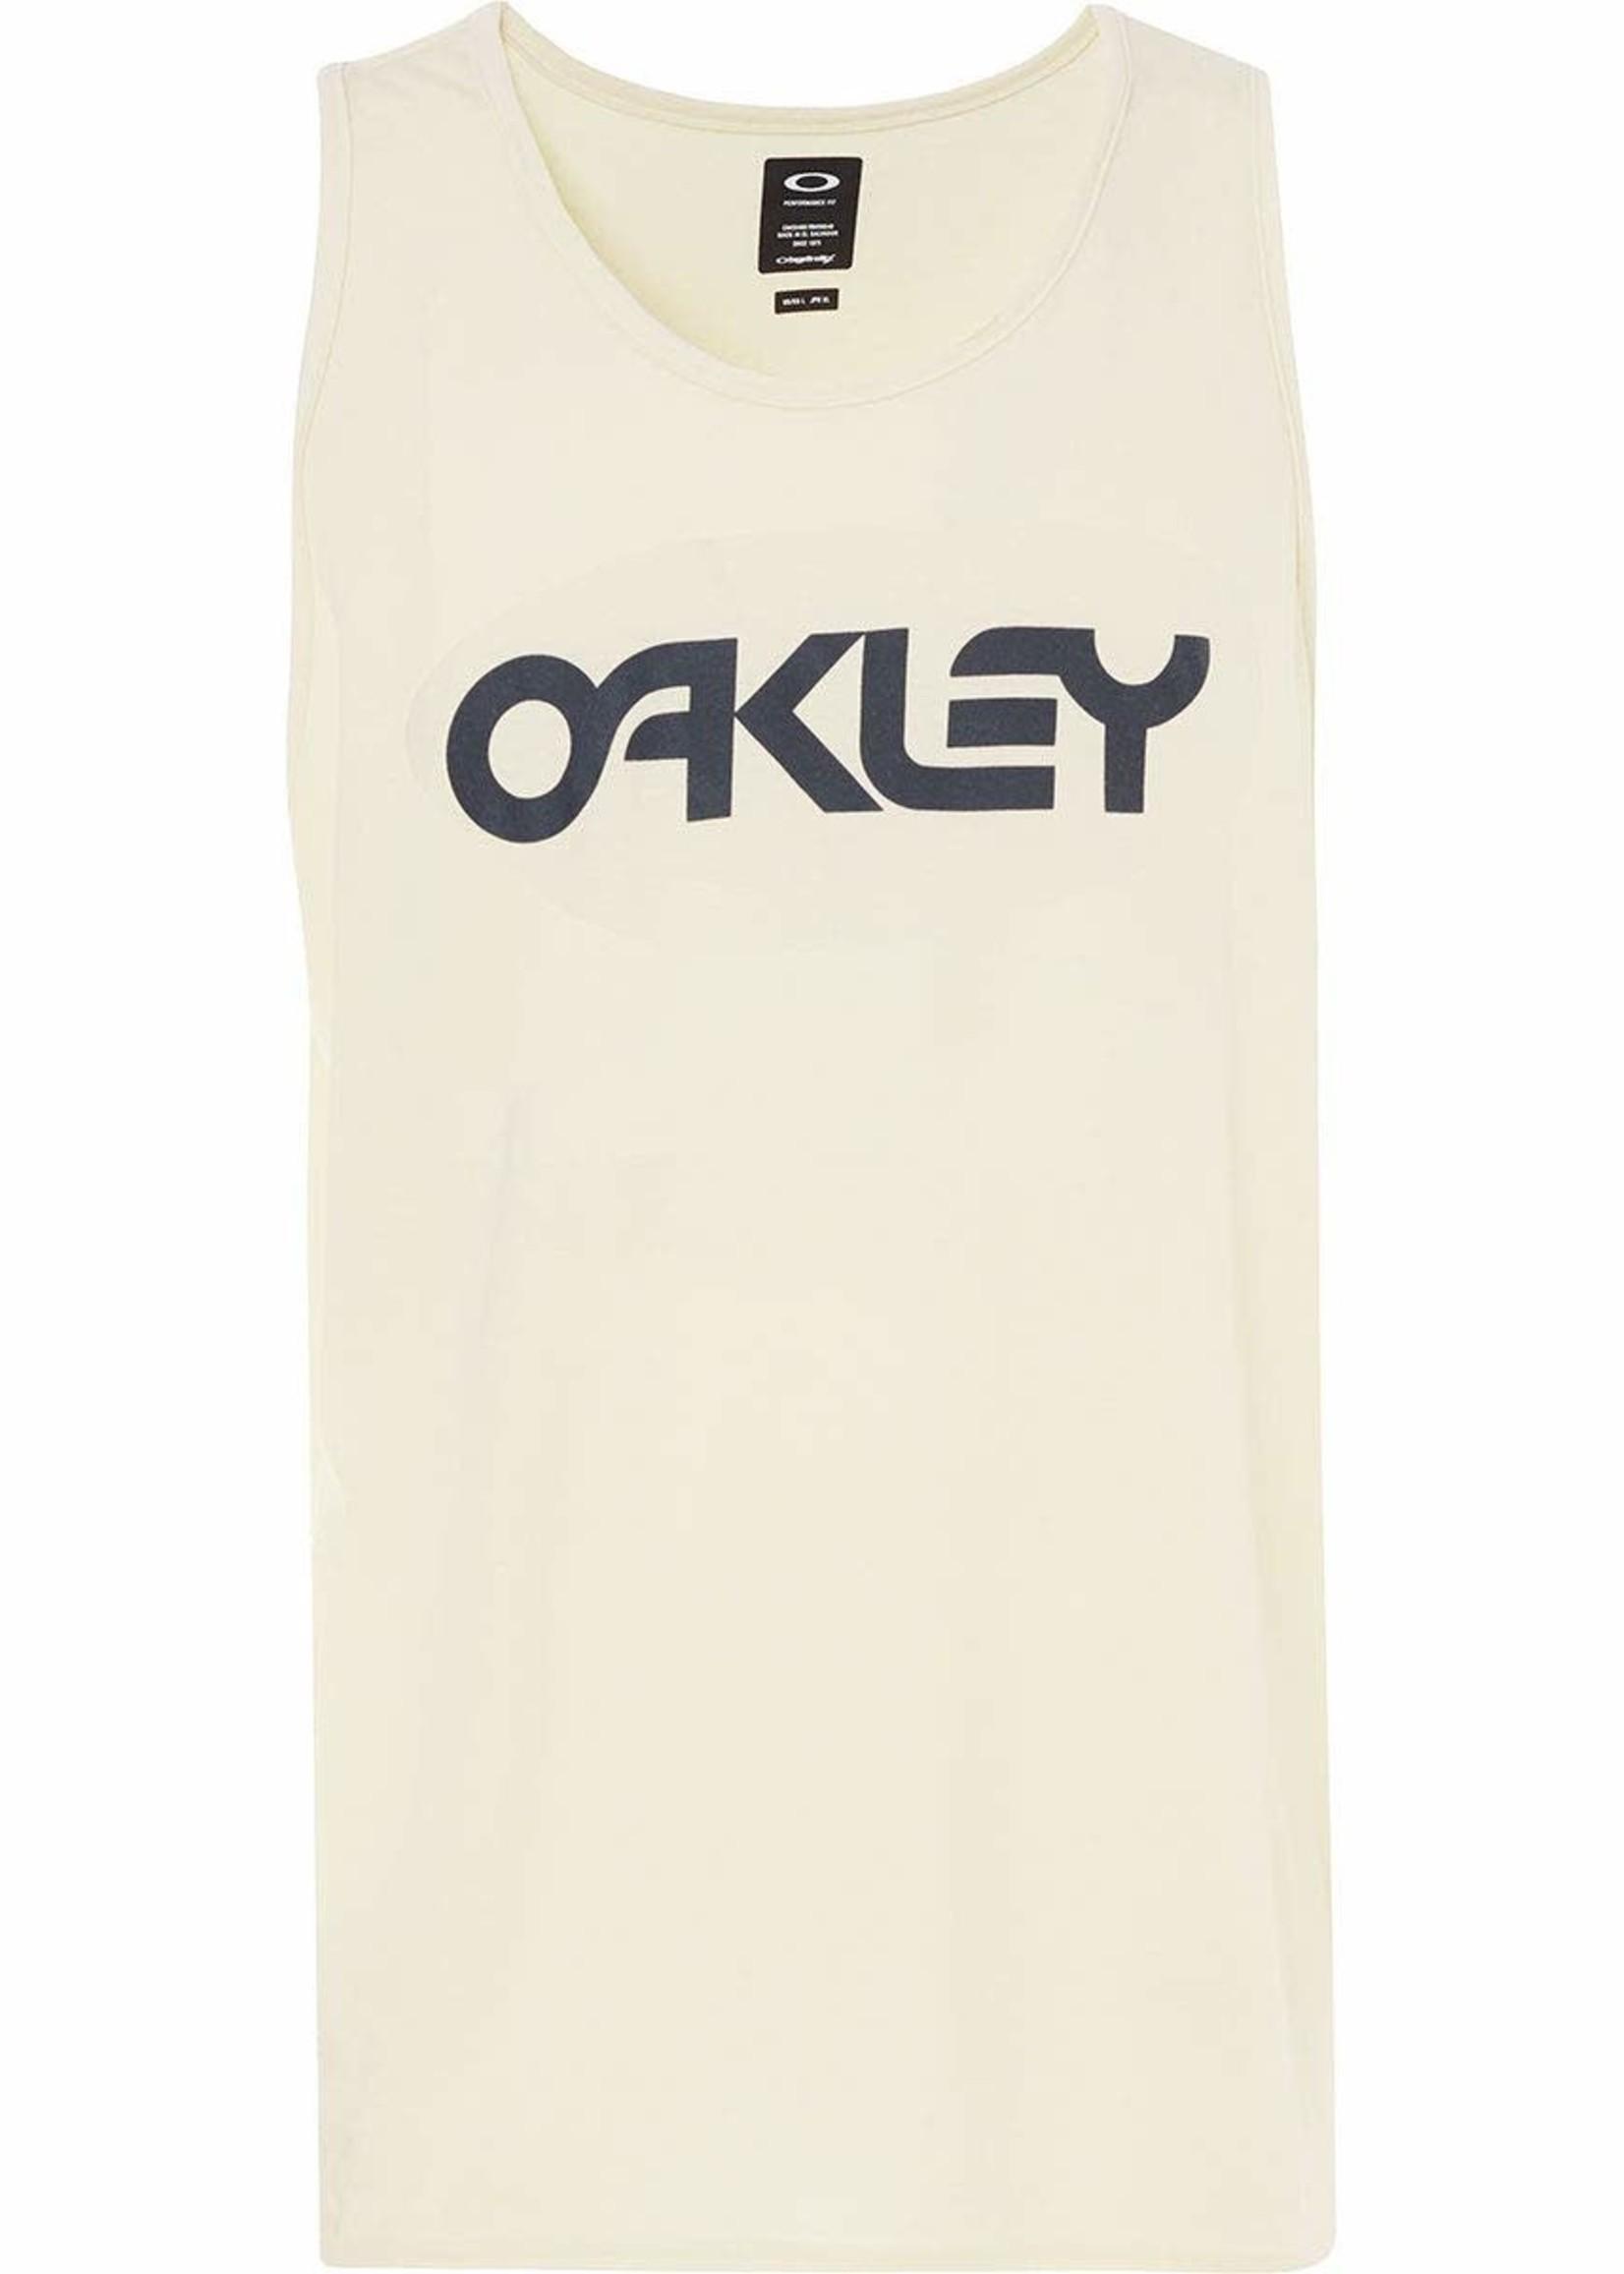 Oakley MARK II TANK 457135